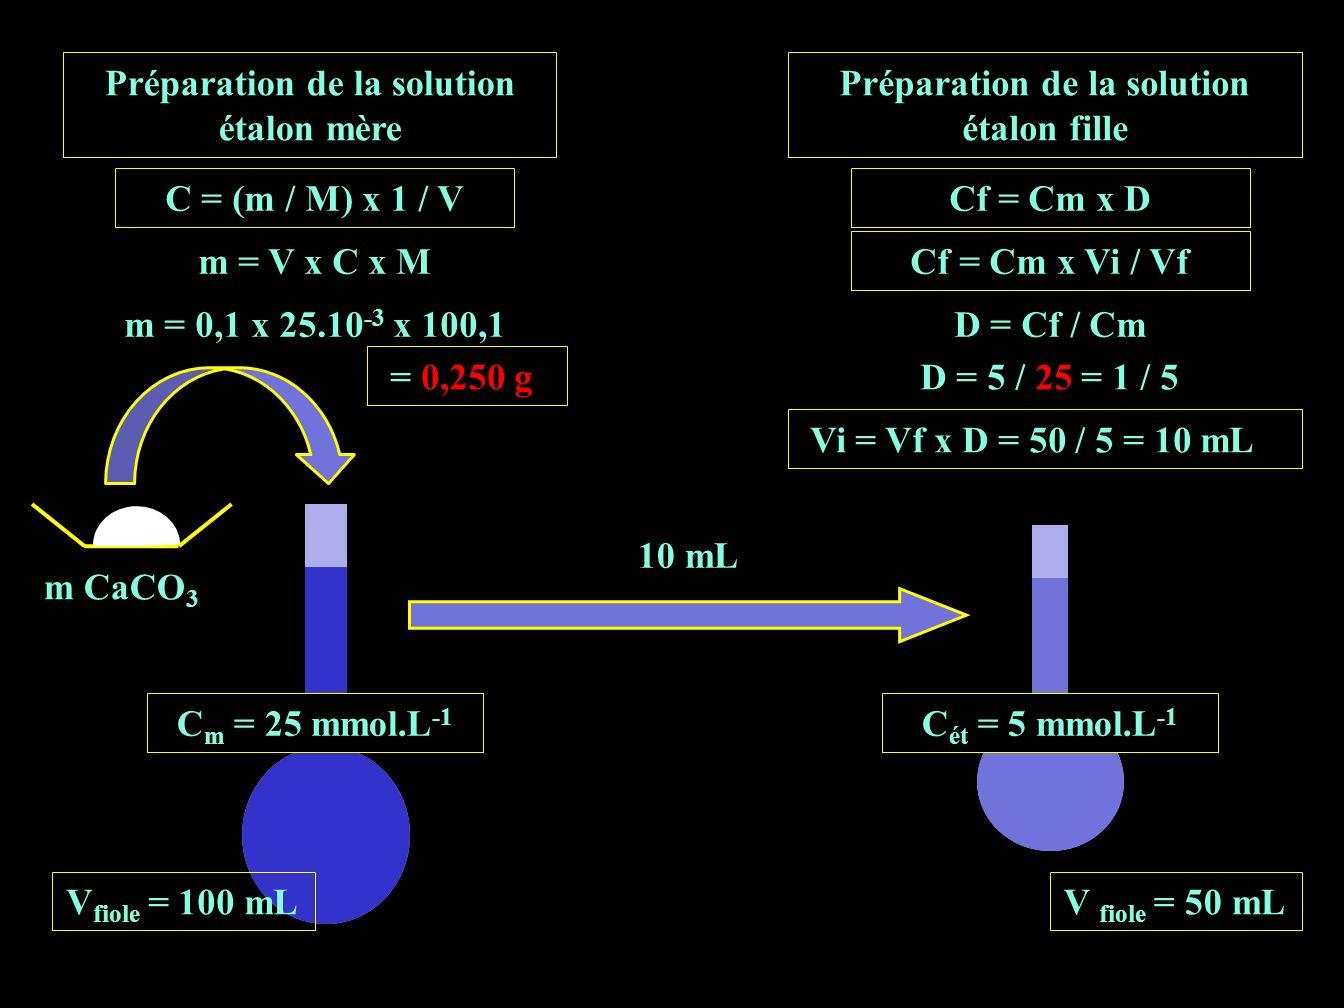 C = (m / M) x 1 / V m = V x C x M m = 0,1 x 25.10 -3 x 100,1 = 0,250 g m CaCO 3 Préparation de la solution étalon mère Préparation de la solution étalon fille Cf = Cm x D Cf = Cm x Vi / Vf D = Cf / Cm D = 5 / 25 = 1 / 5 Vi = Vf x D = 50 / 5 = 10 mL 10 mL C ét = 5 mmol.L -1 V fiole = 50 mLV fiole = 100 mL C m = 25 mmol.L -1